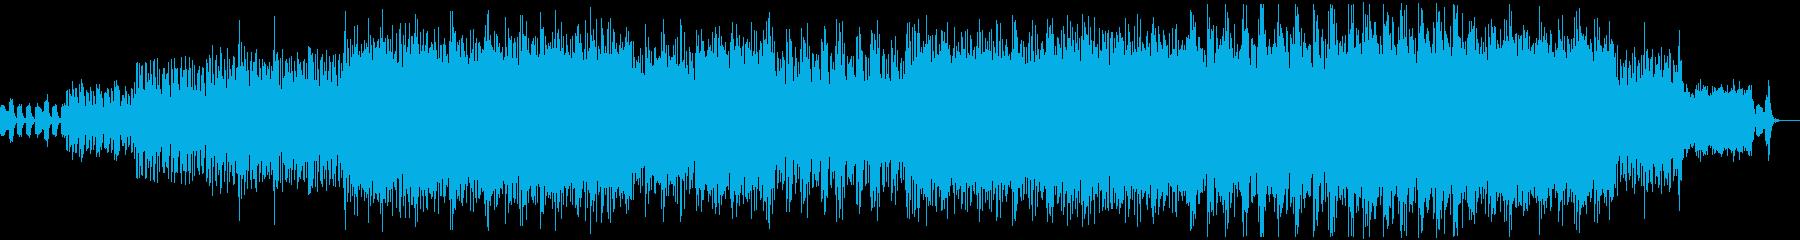 音の迷路への入り口、混沌への序曲の再生済みの波形